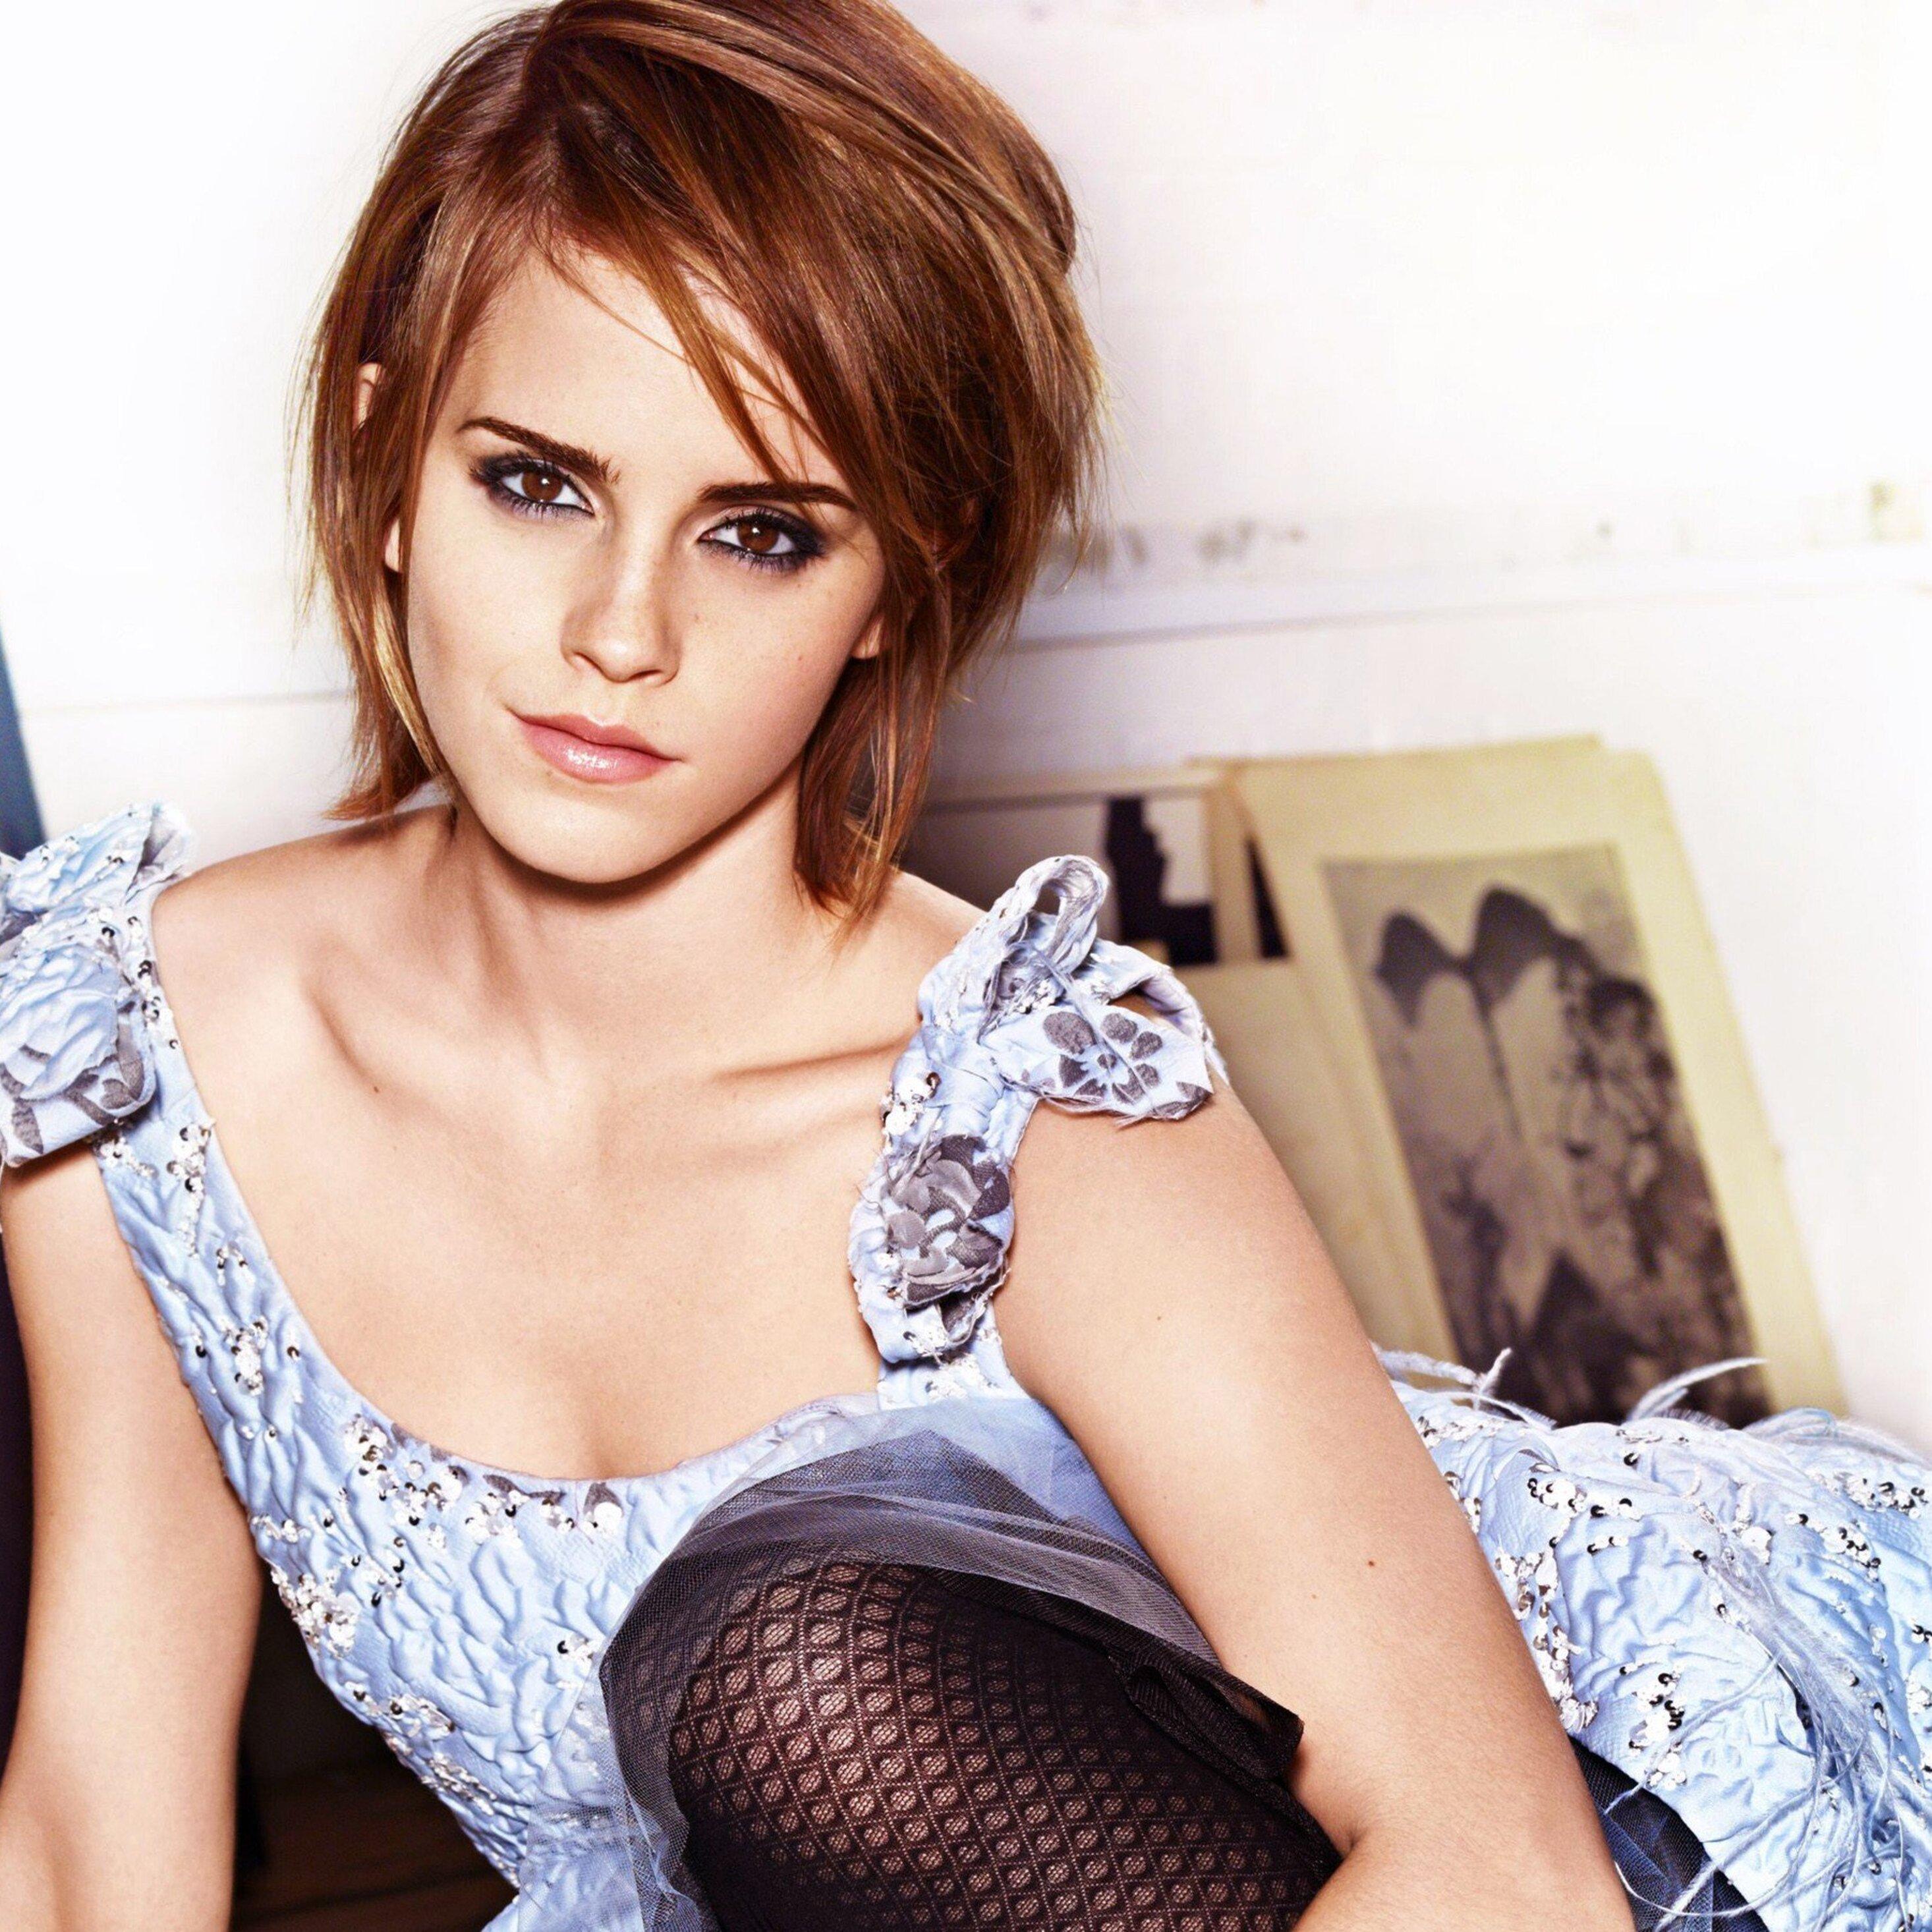 Hot emma watson Emma Watson